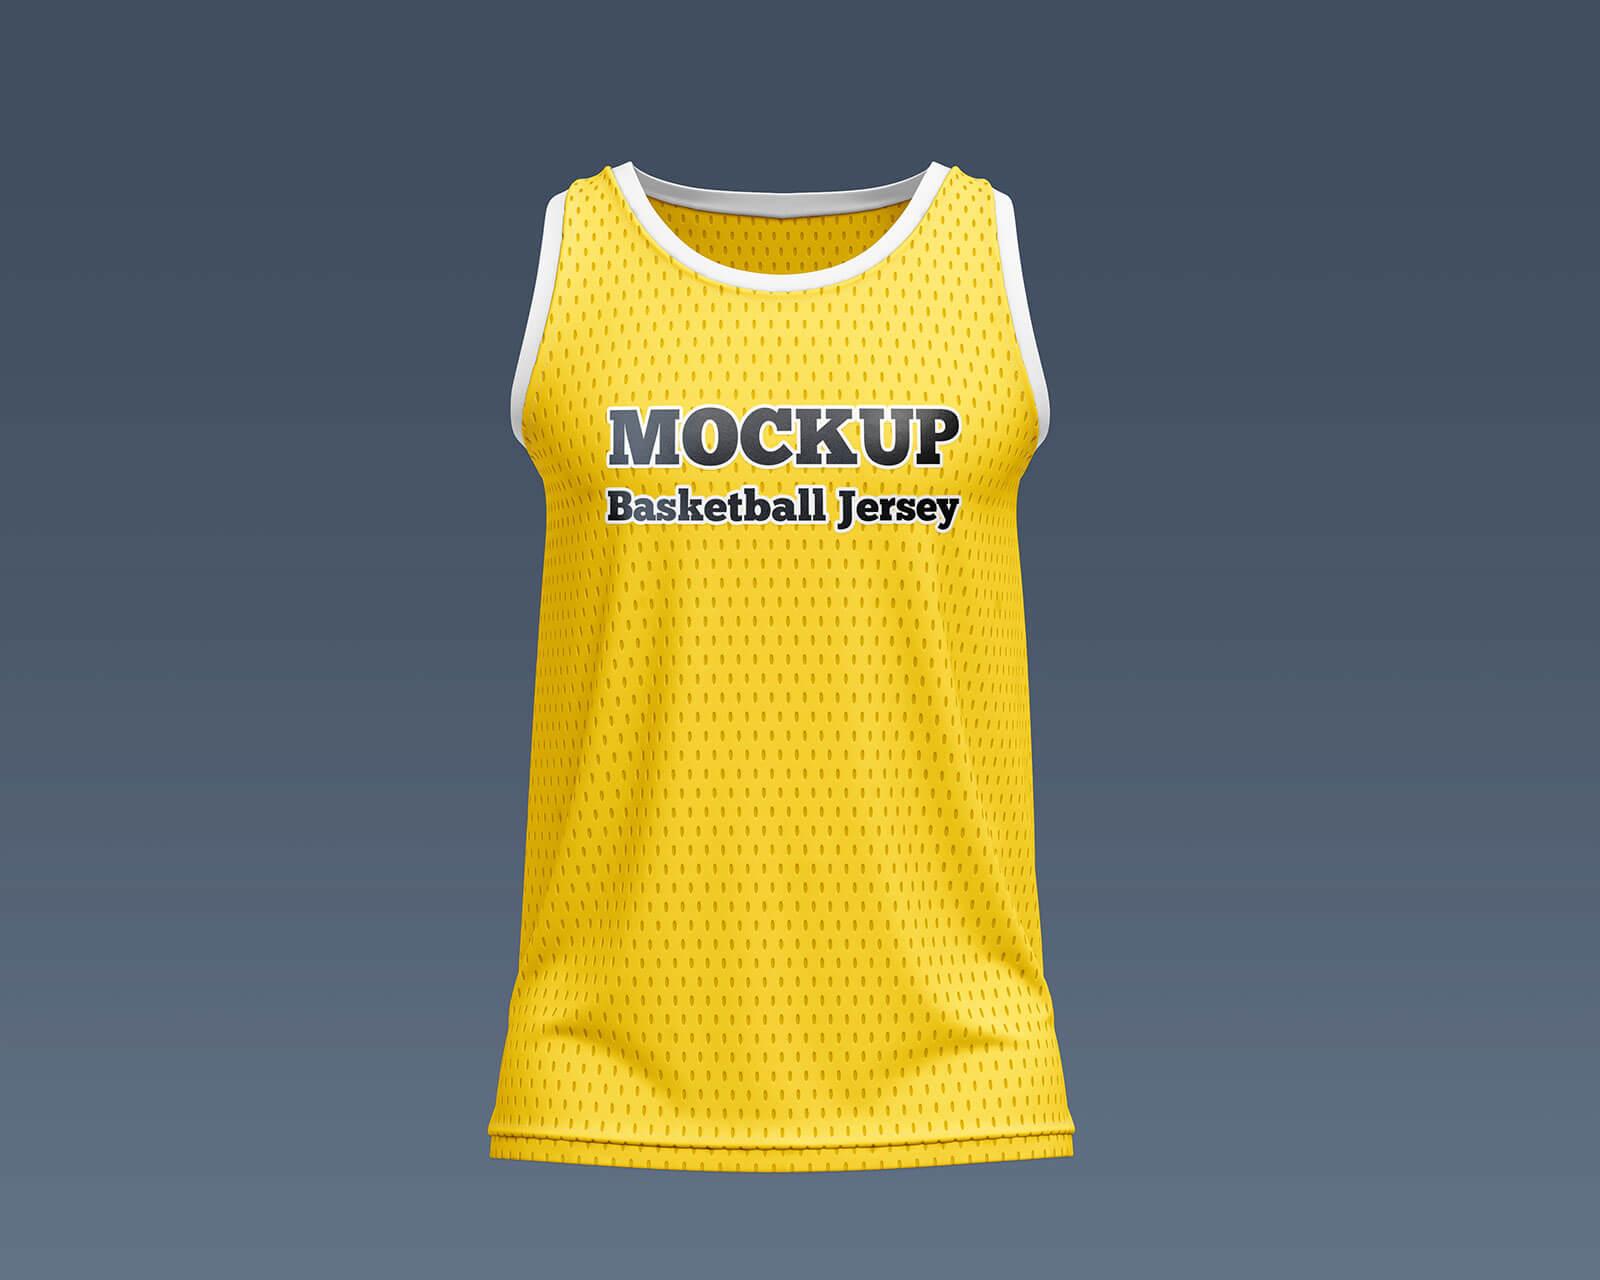 Free Basketball Jersey Mockup PSD Set